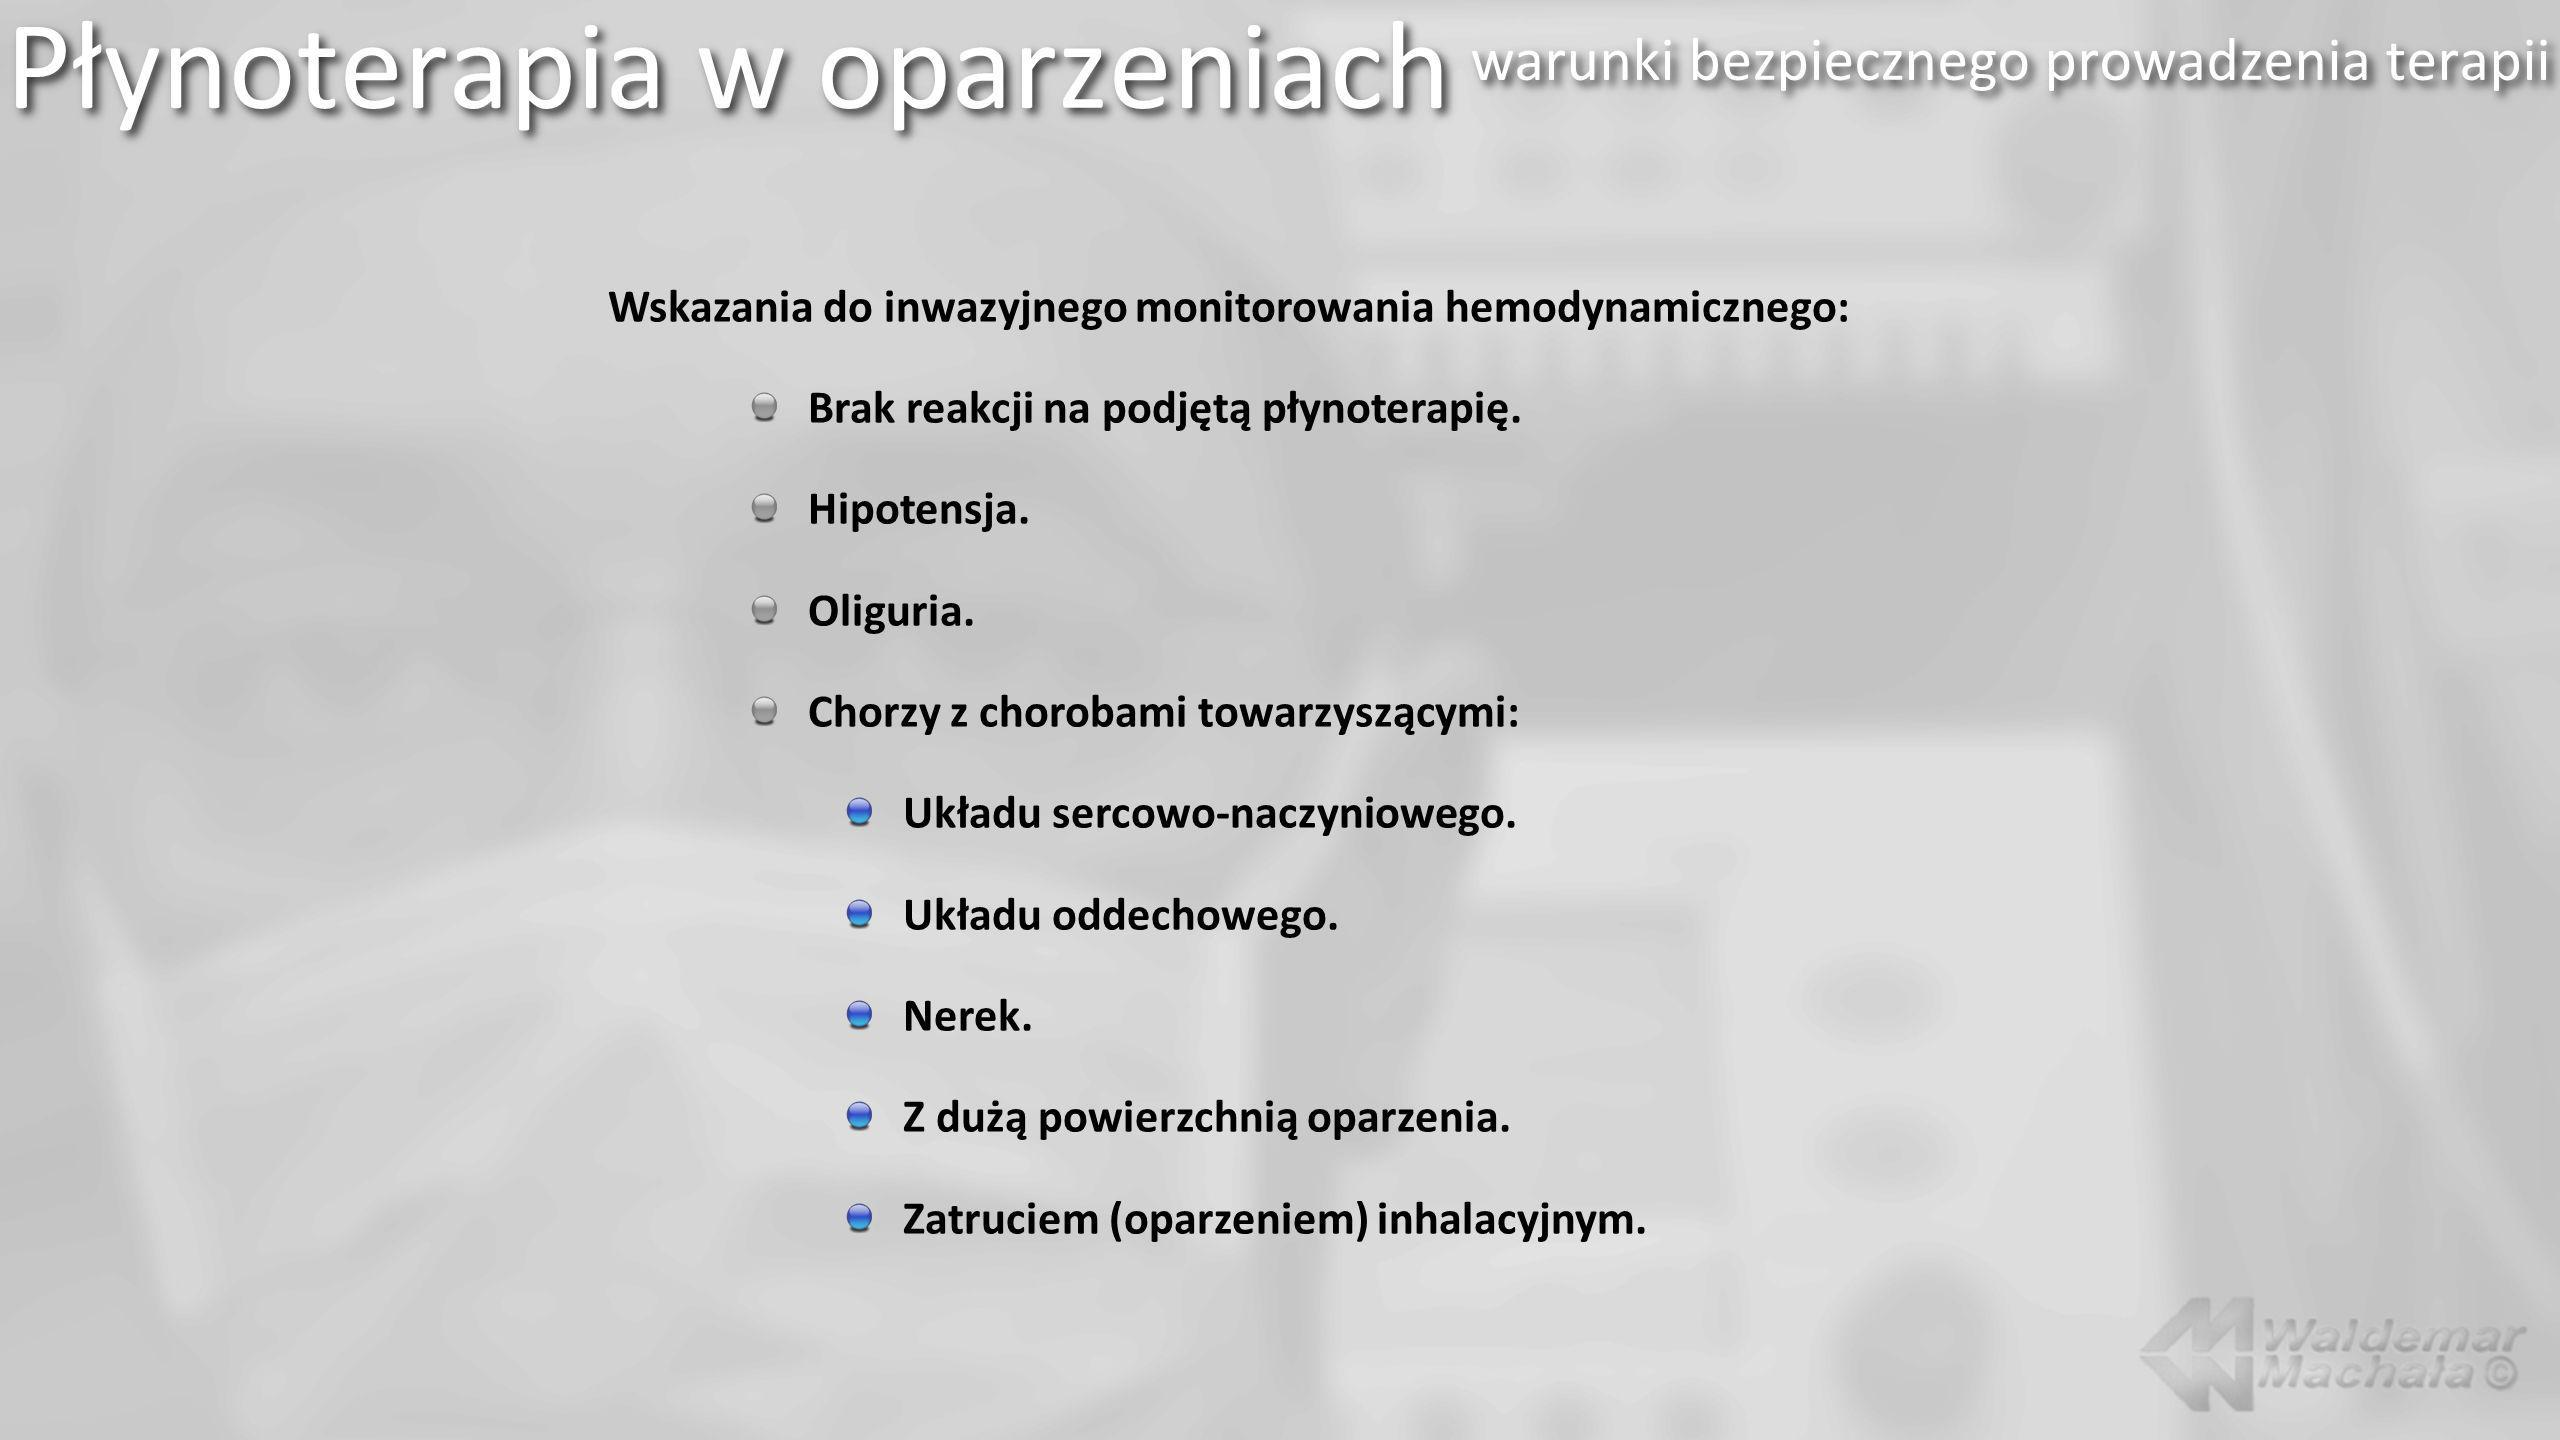 Płynoterapia w oparzeniach warunki bezpiecznego prowadzenia terapii